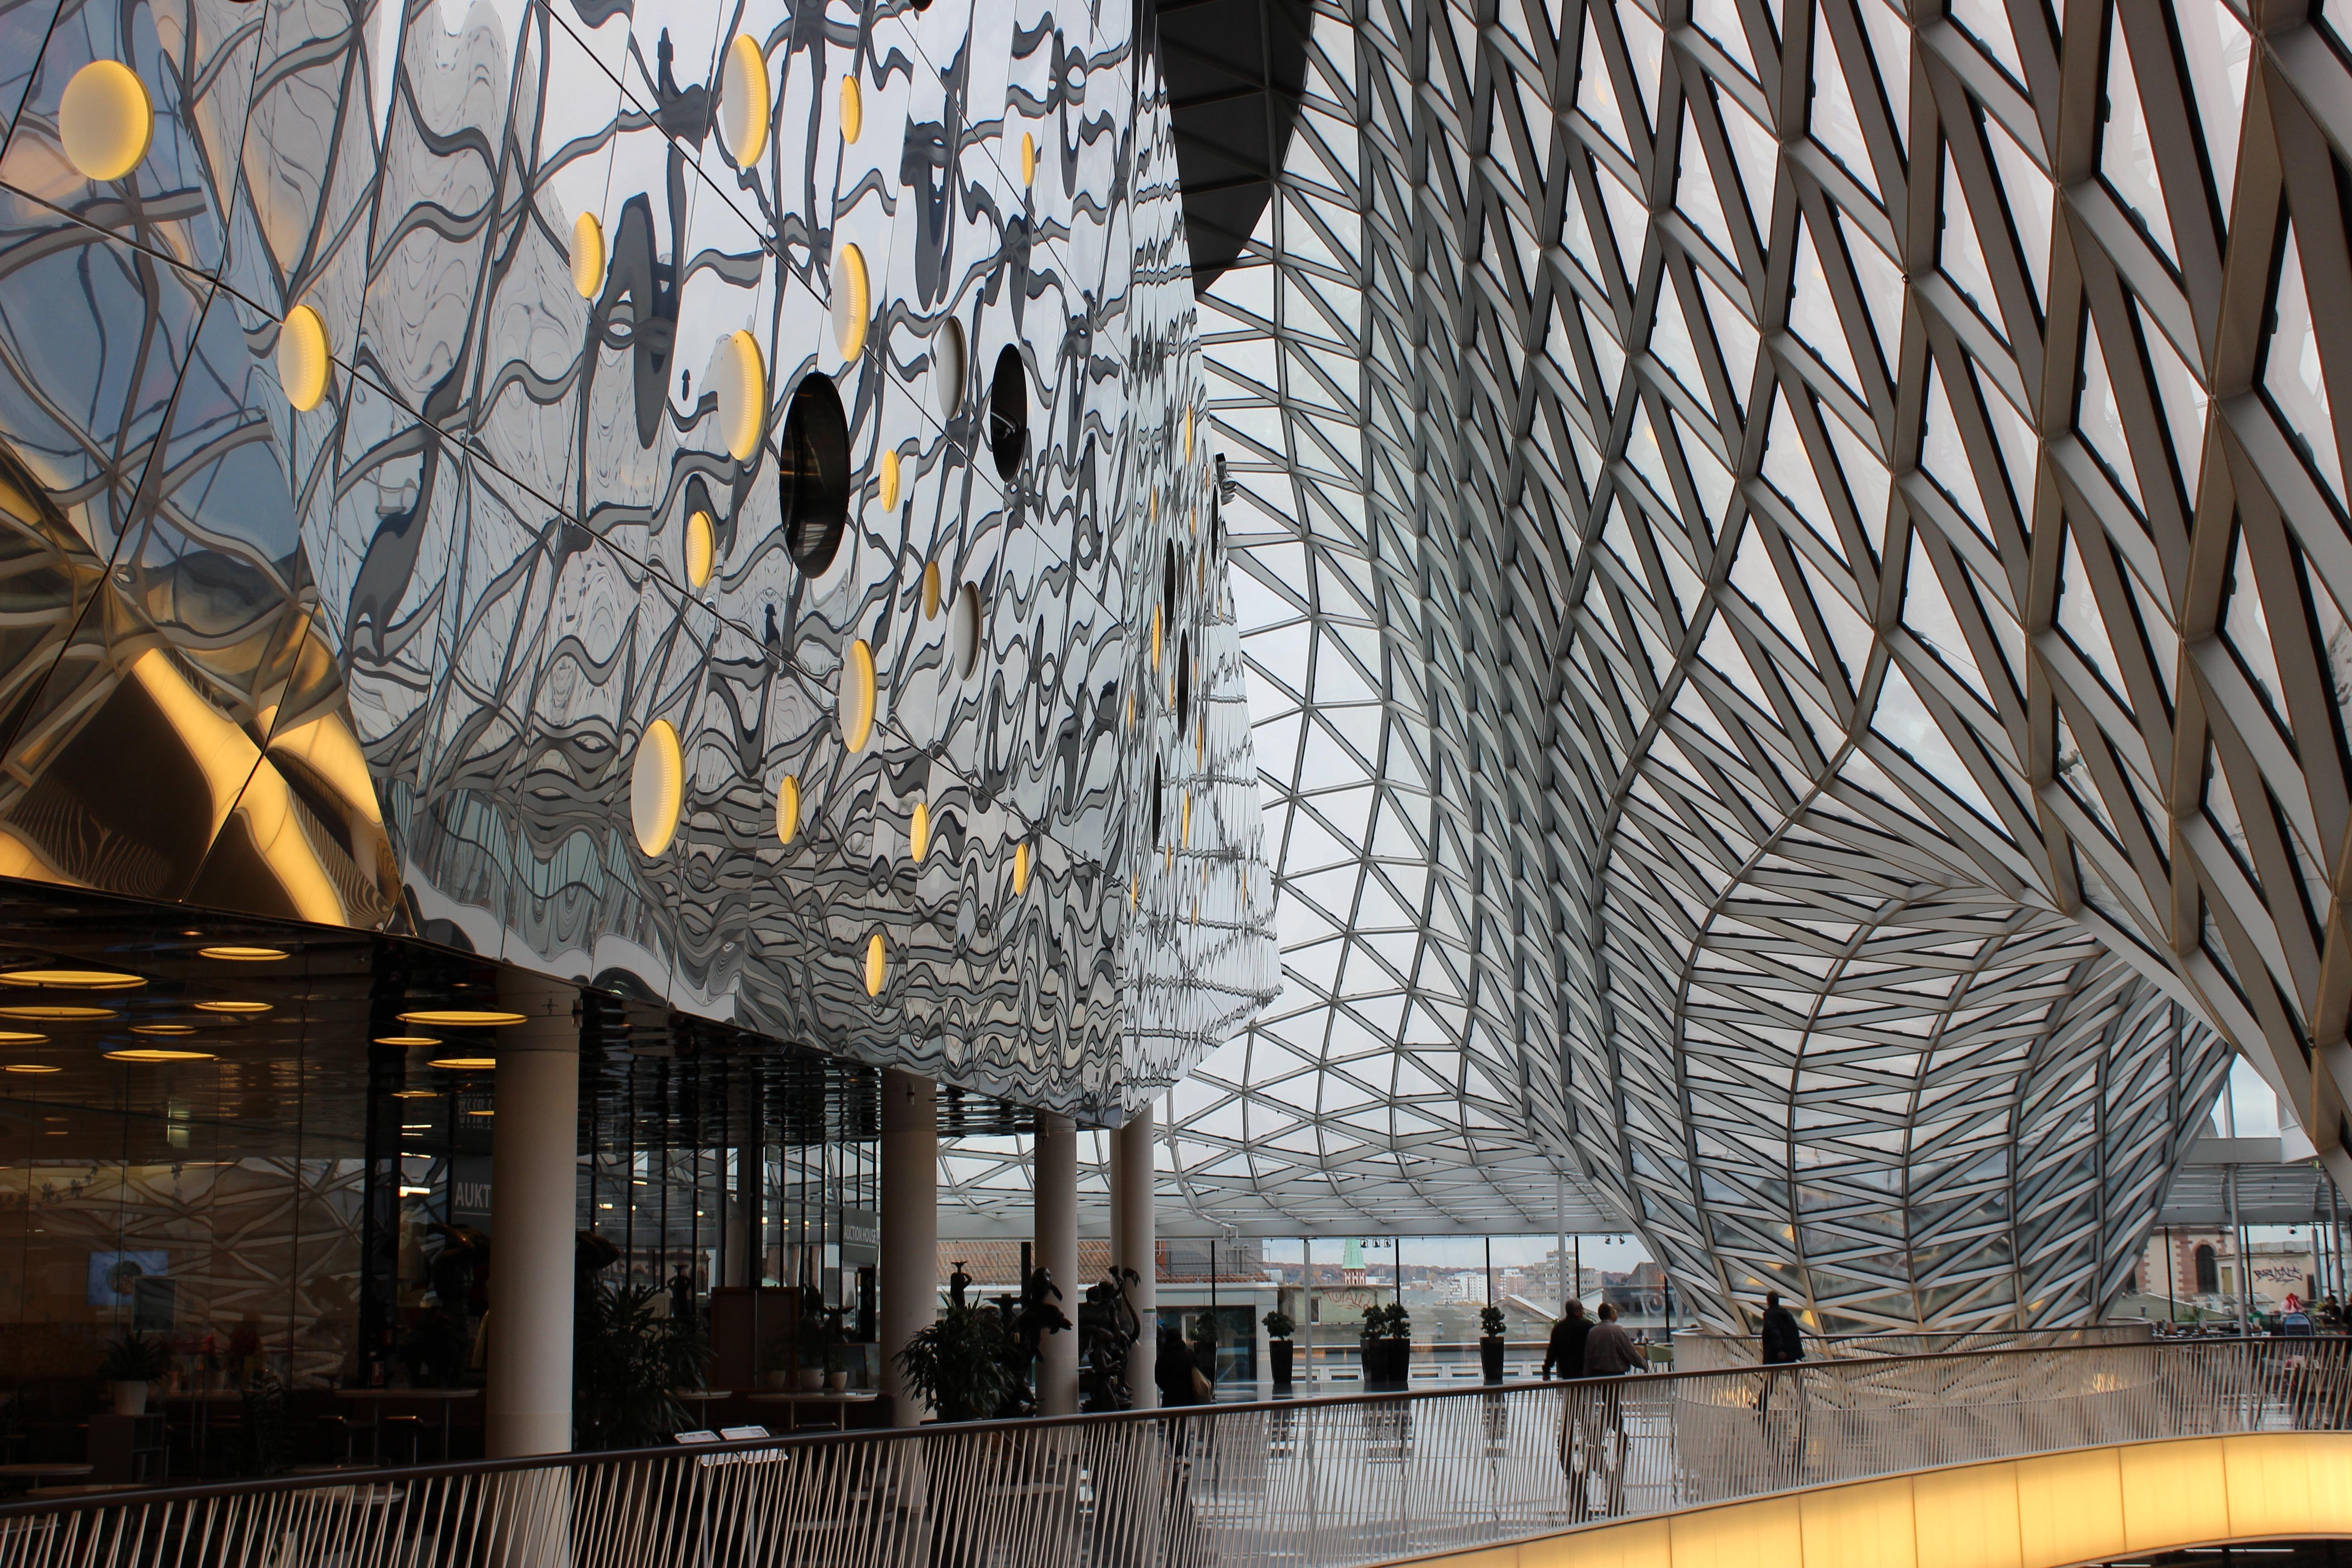 Fotos gratis arquitectura interior perspectiva fachada dise o de interiores art simetr a - Arquitectura en diseno de interiores ...